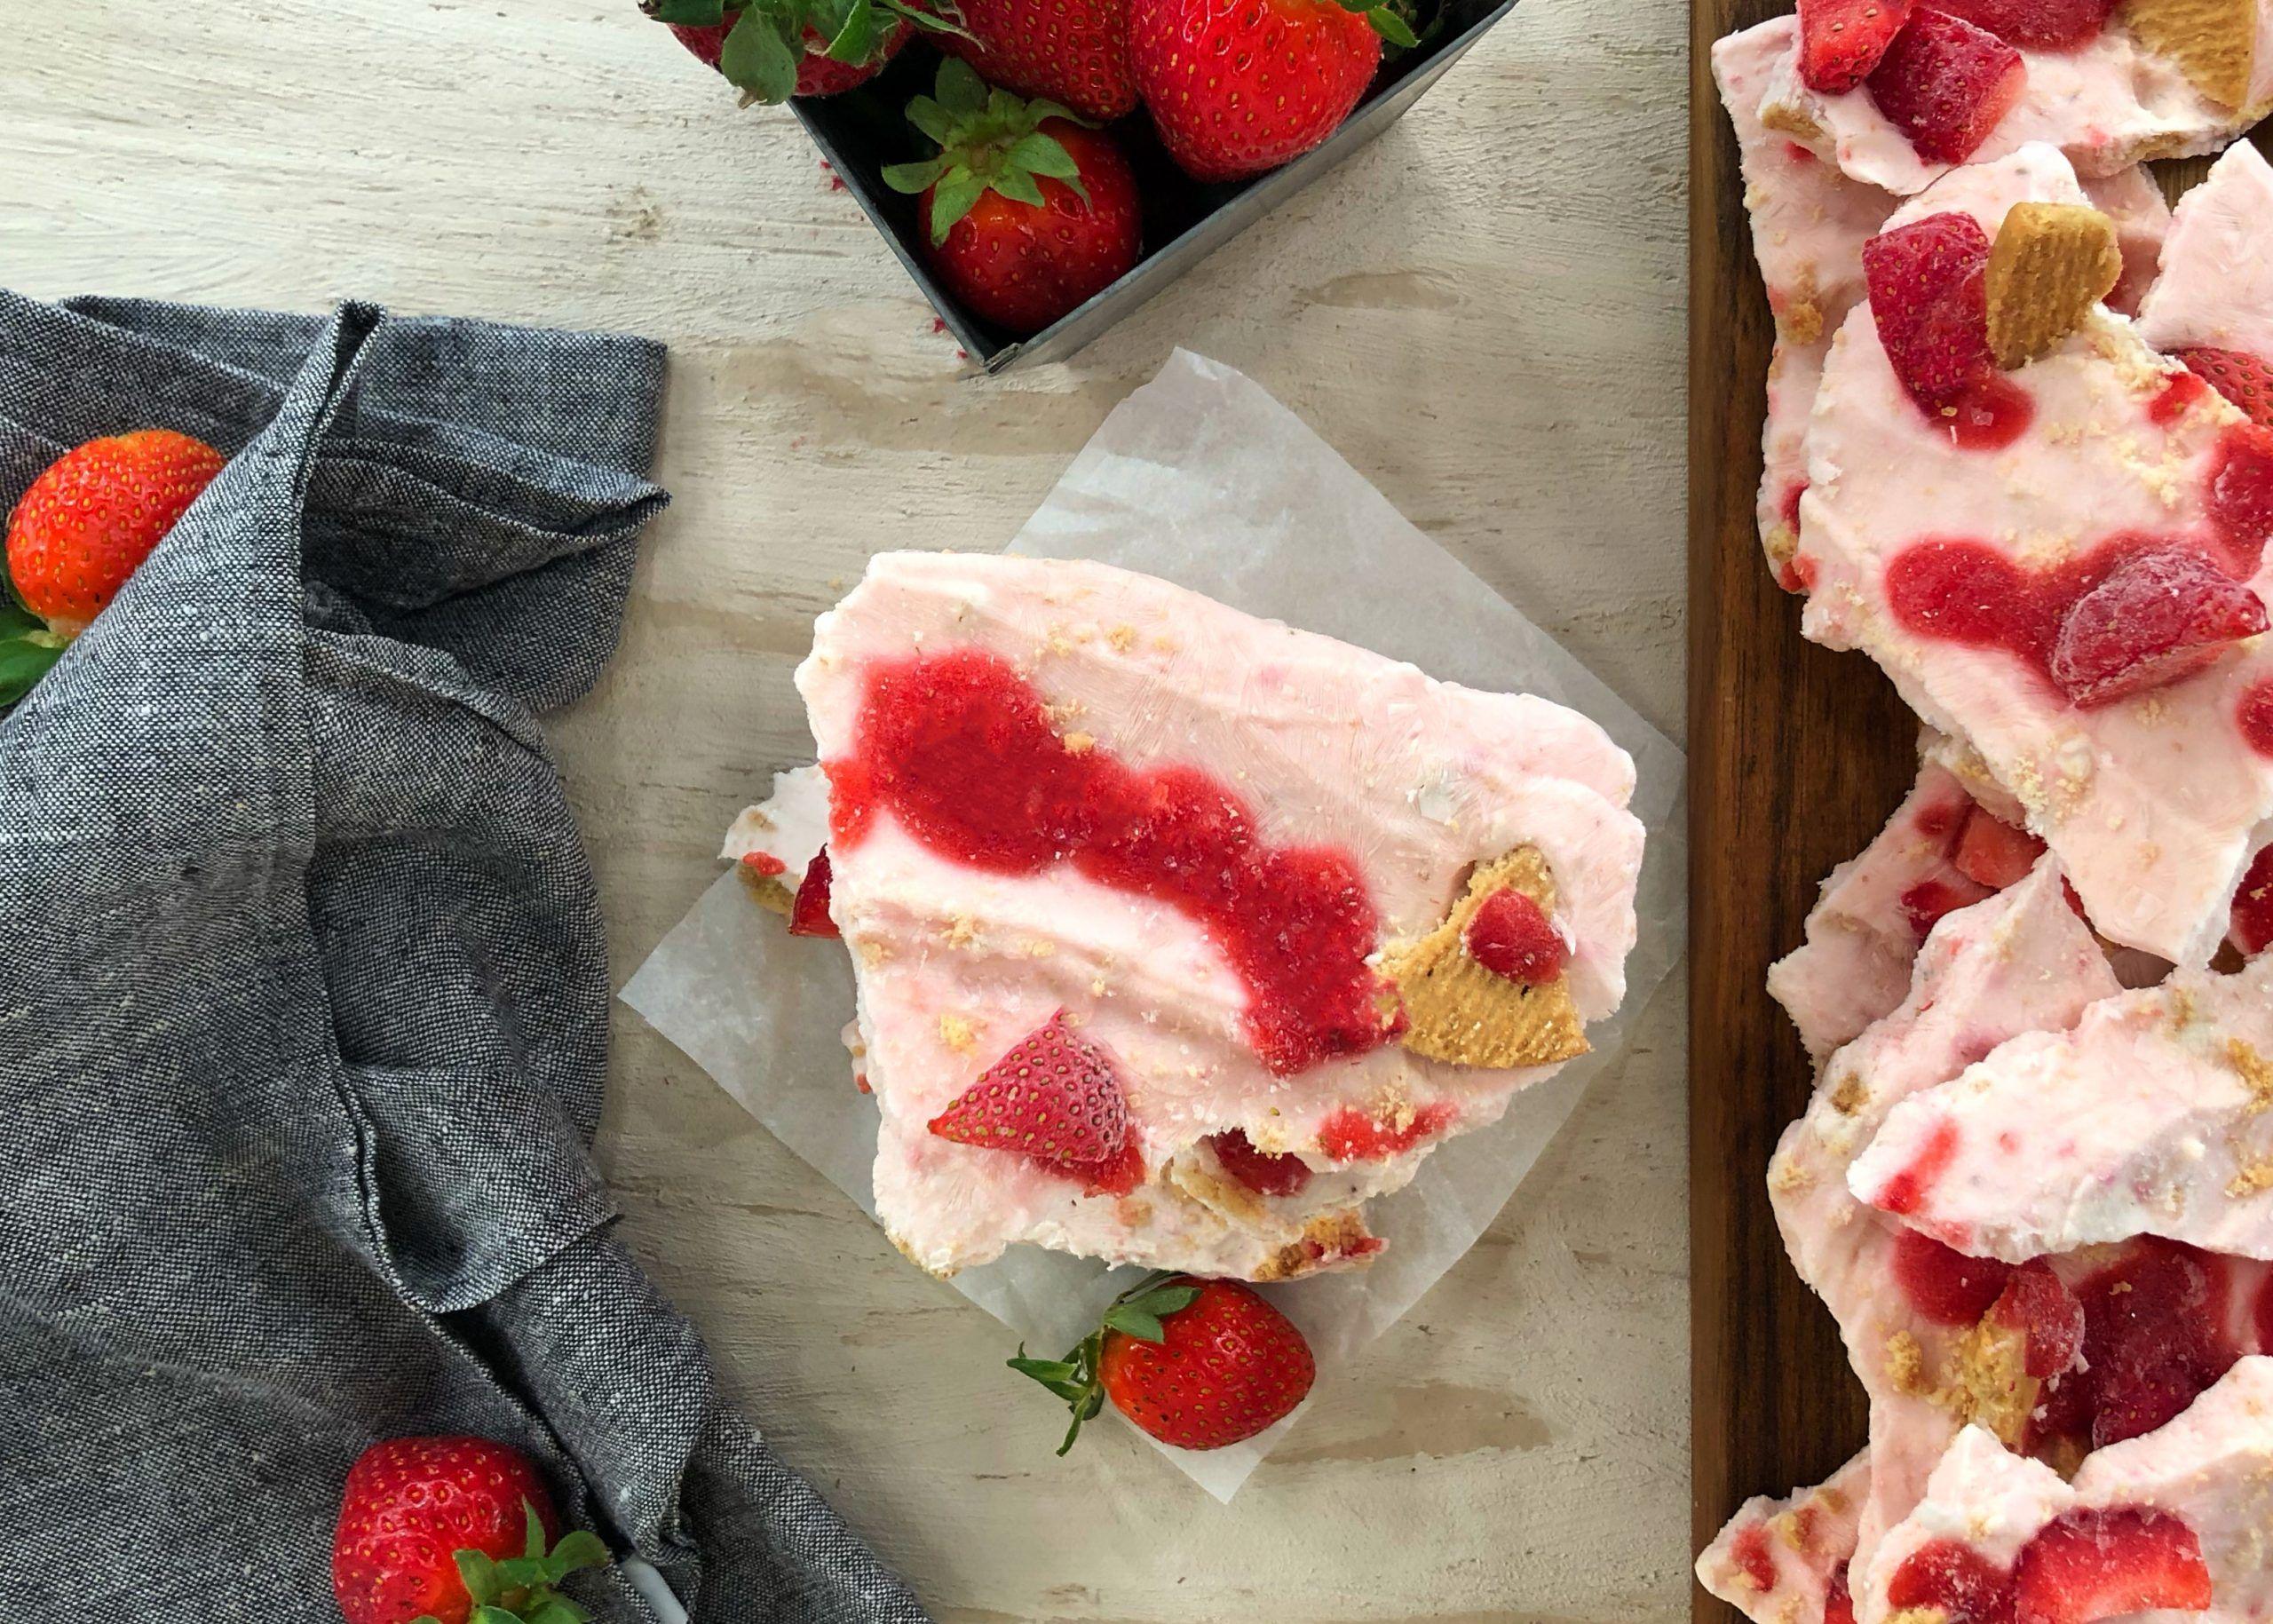 Παγωμένες Μπάρες Γιαουρτιού CHEESECAKE Φράουλα | Λάμπρος Βακιάρος